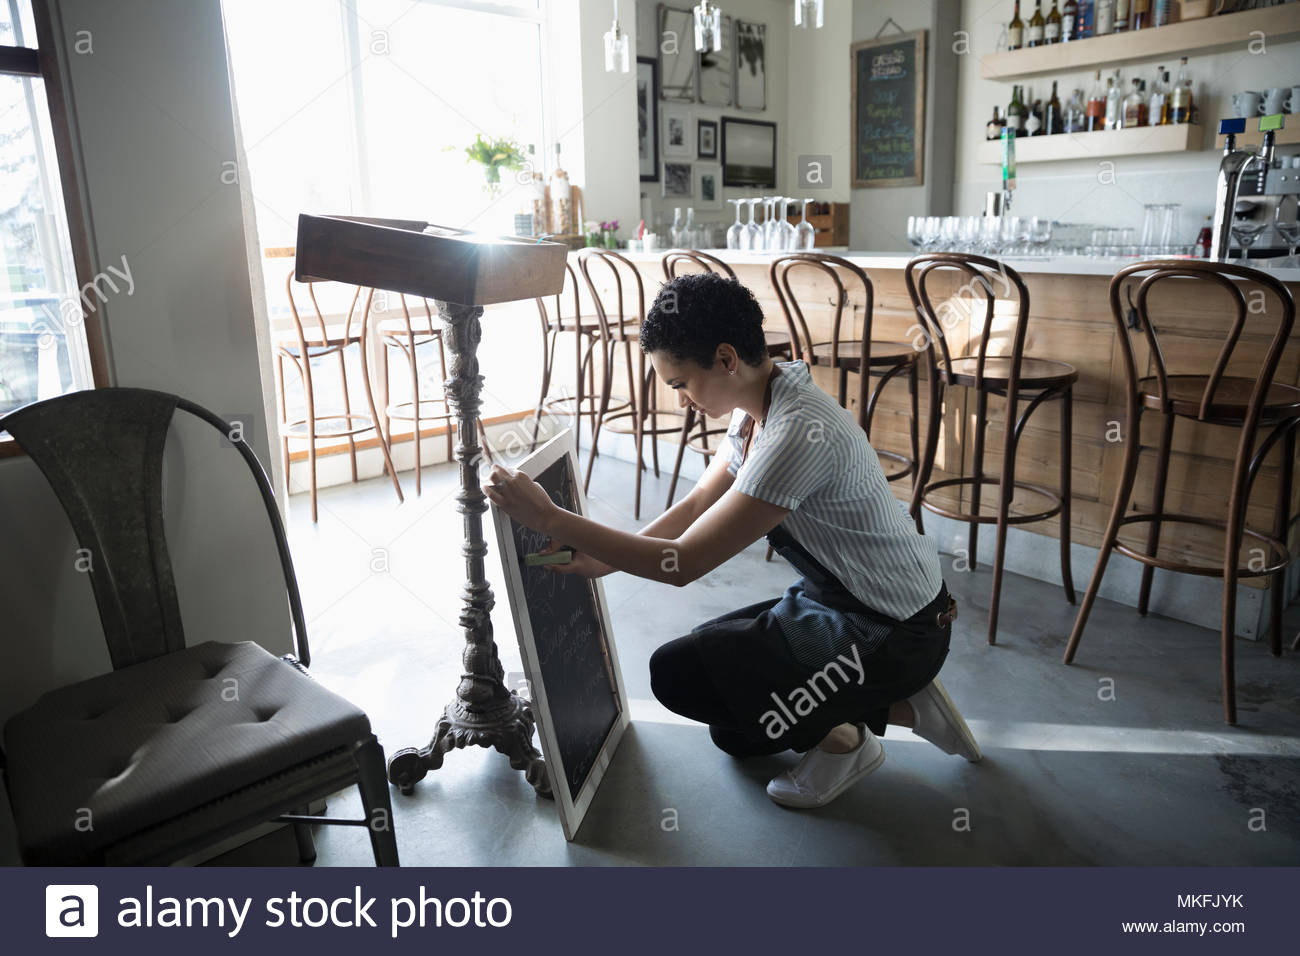 Junge Frau Kleinunternehmer Vorbereitung Menü auf Cafe Tafel Stockbild